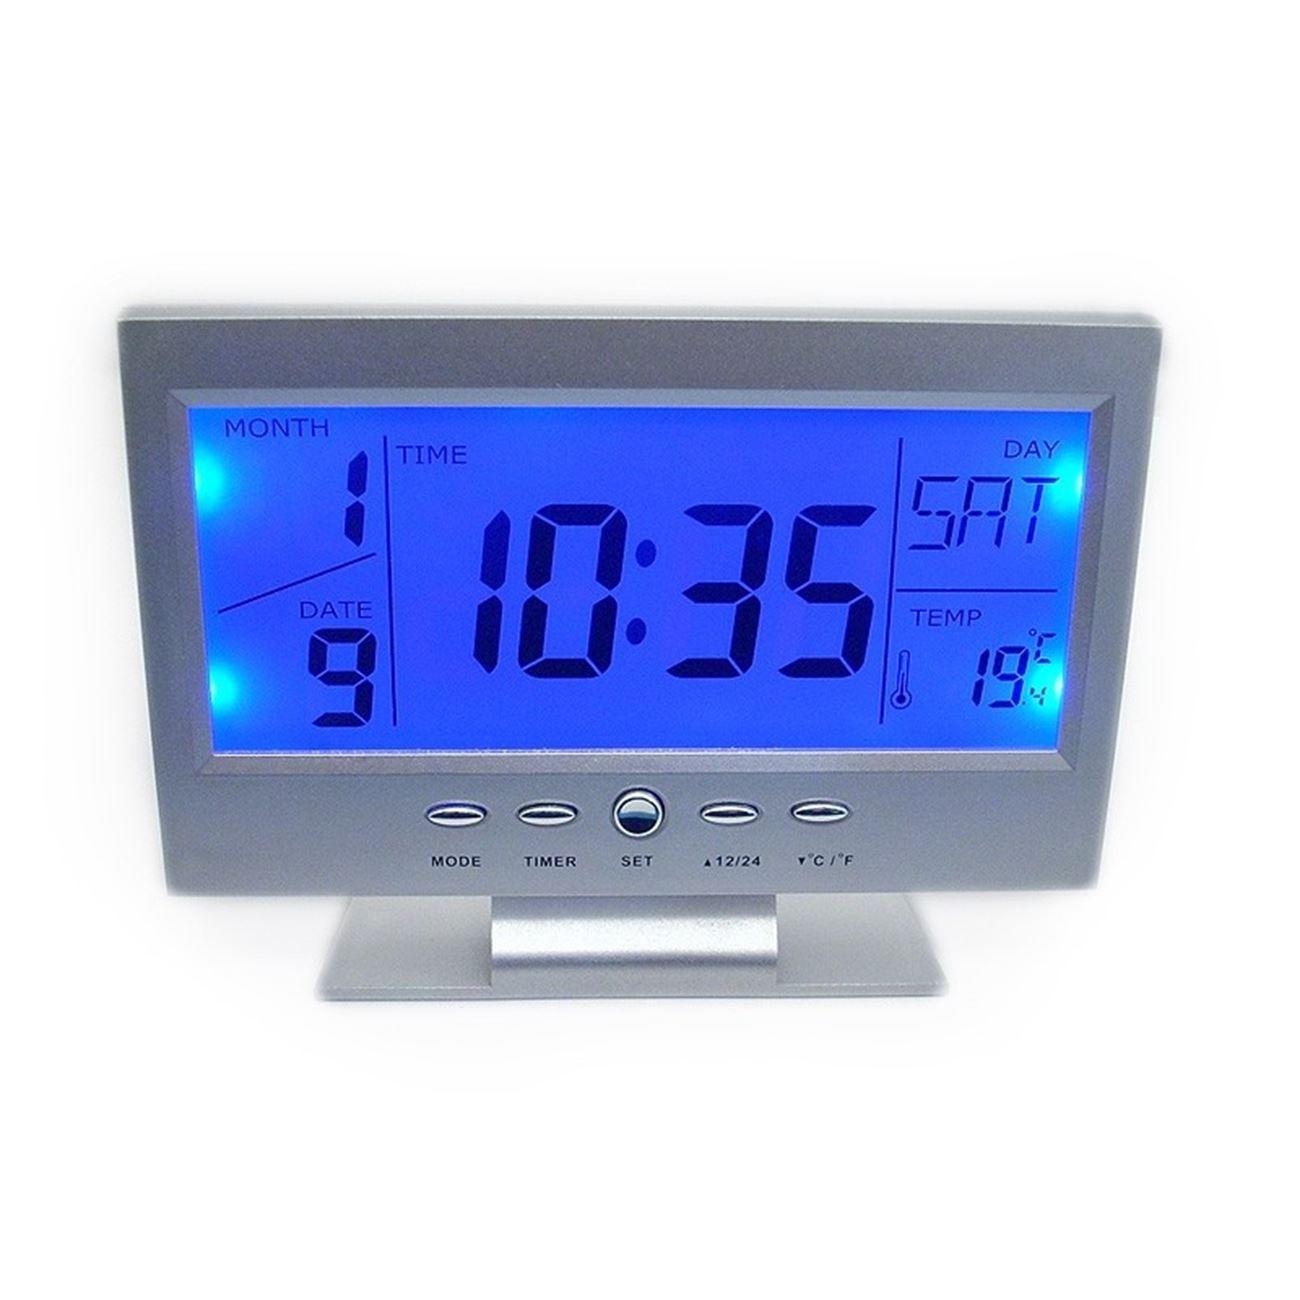 Ψηφιακό ρολόι - θερμόμετρο ανάβει αυτόματα η οθόνη όταν ανίχνευση ήχο ή  δόνηση   Ρολόγια επιτραπέζια  106380c847e